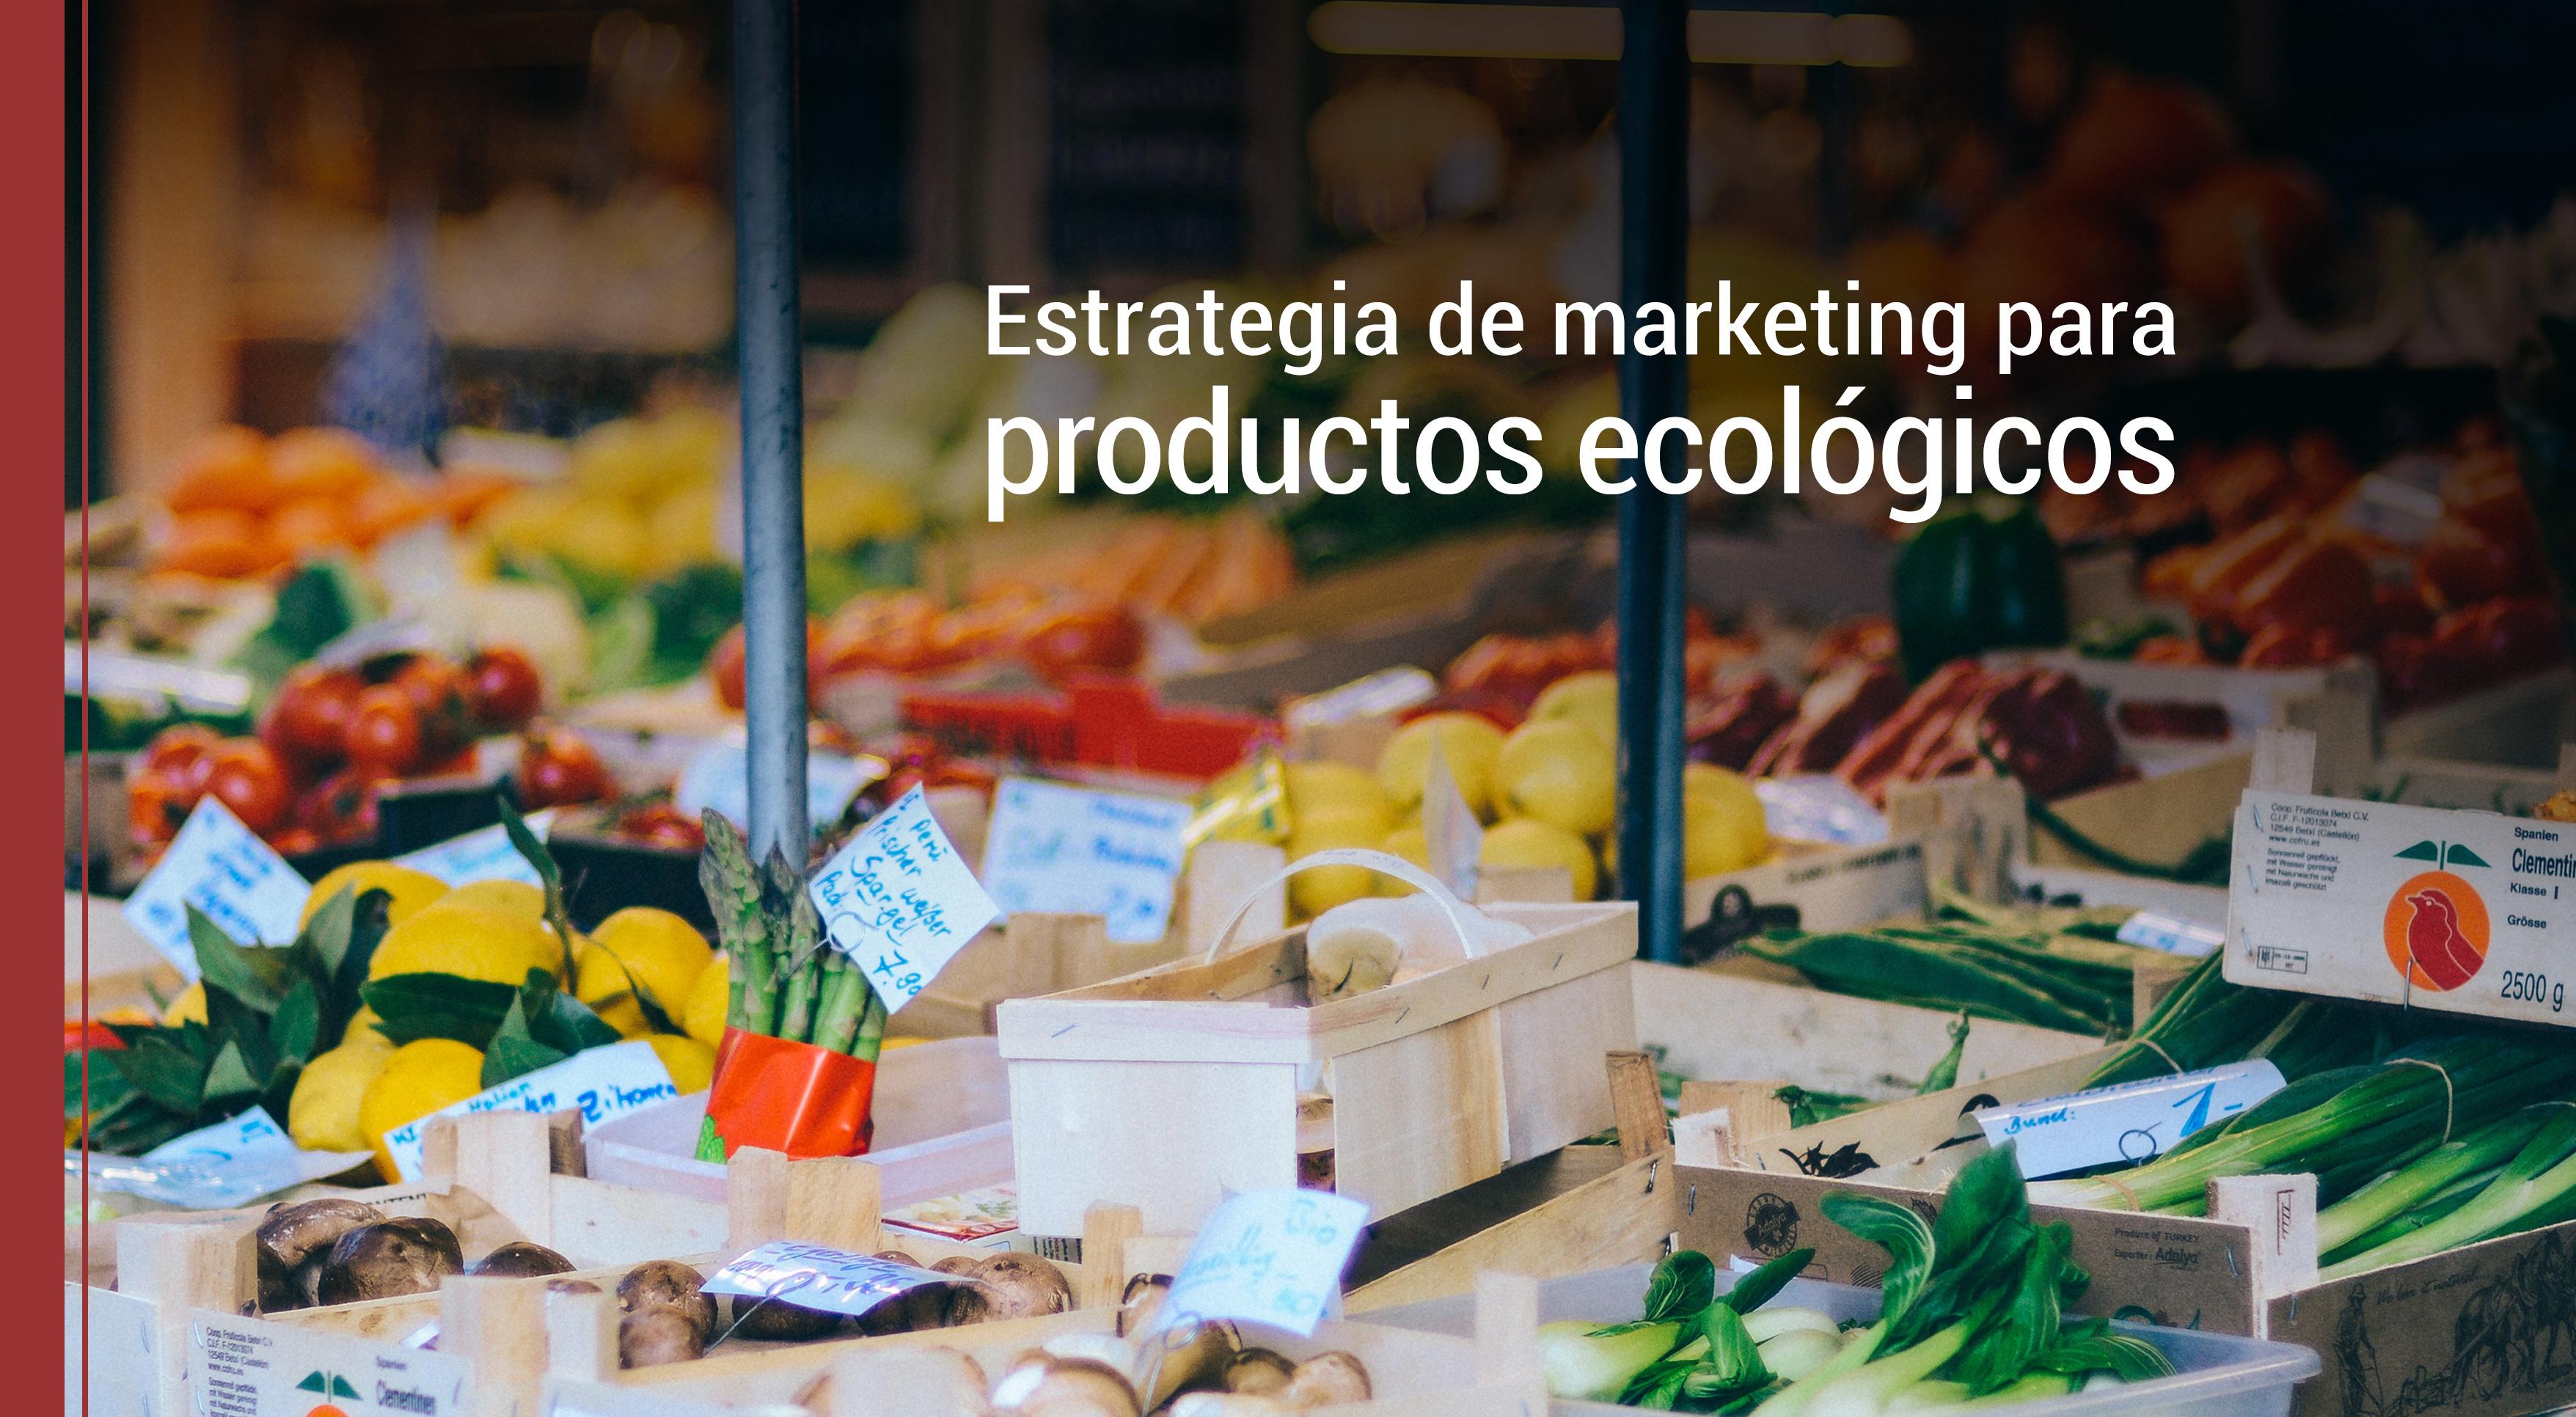 como aplicar la estrategia de marketing en productos ecologicos